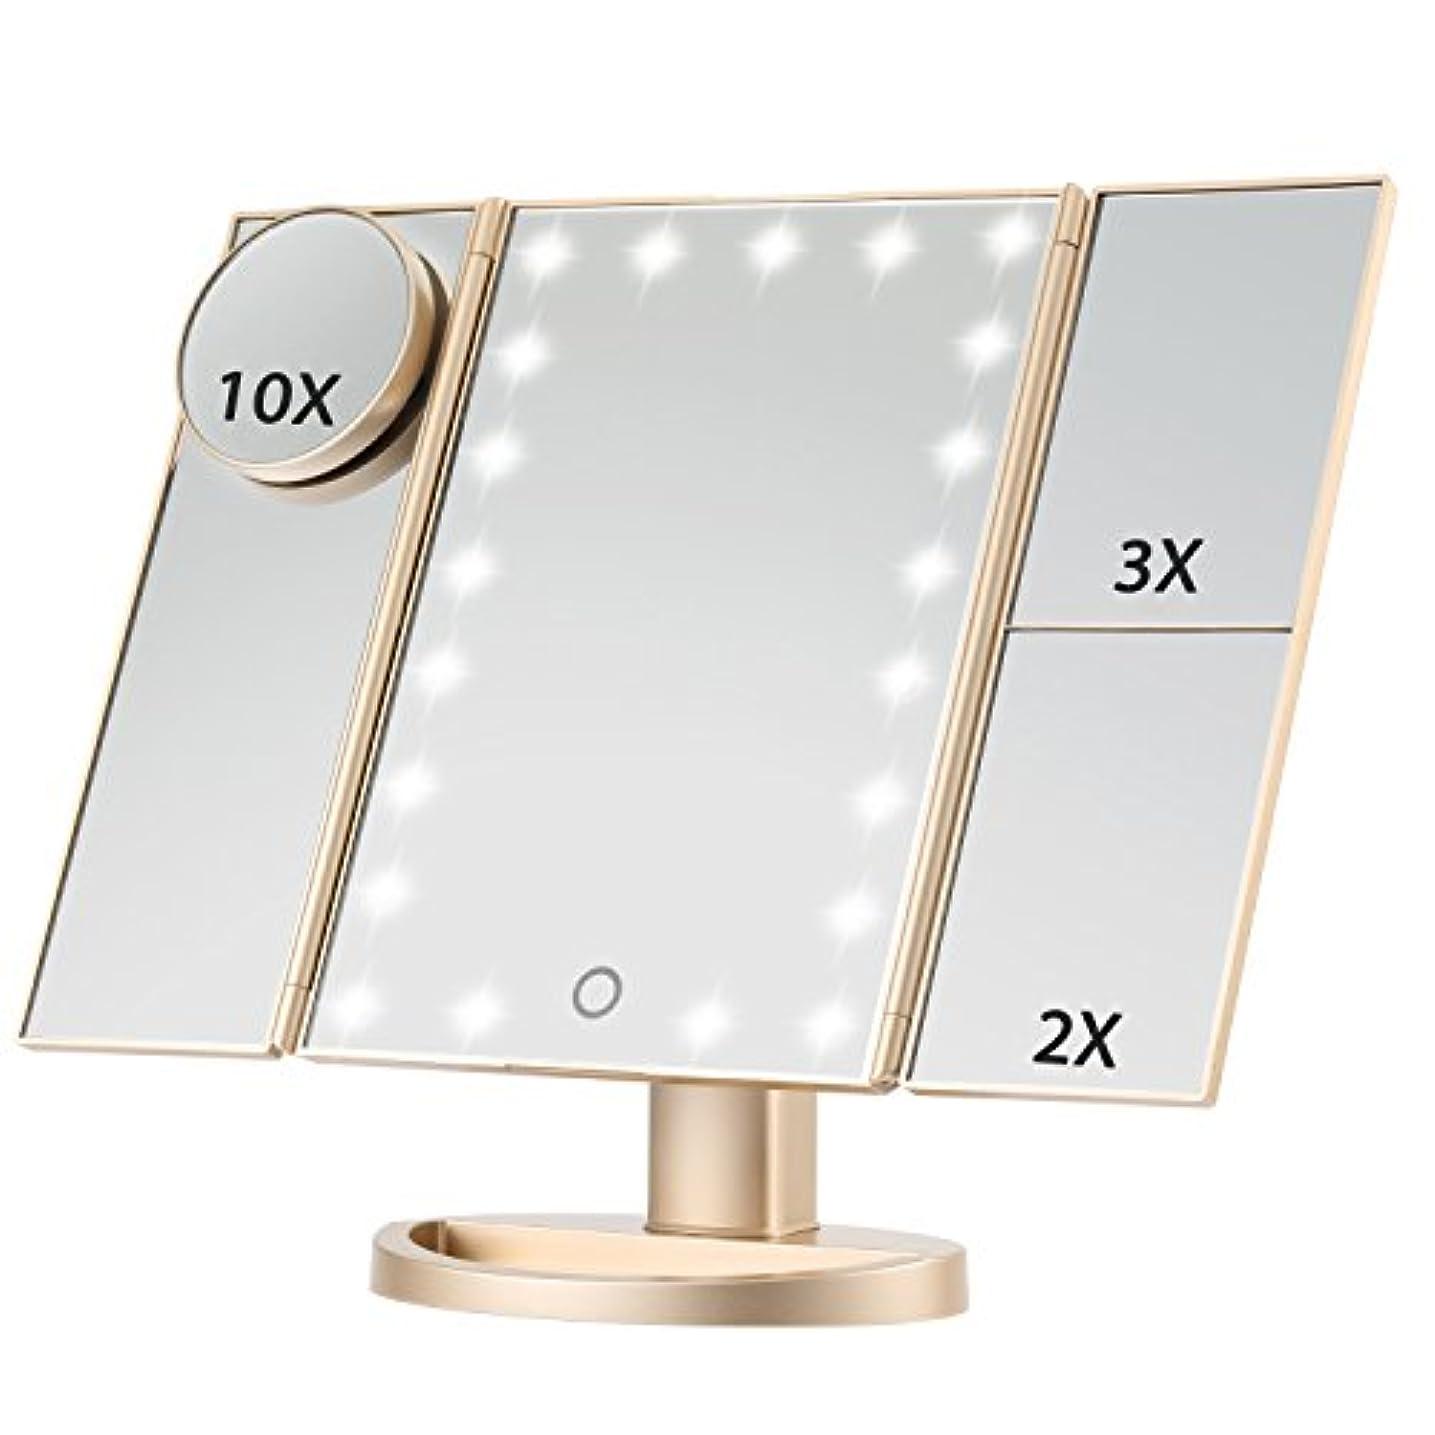 研磨細胞パブMagicfly 化粧鏡 LED三面鏡 ミラー 折り畳み式 10X /3X/2X拡大鏡付き 明るさ調節可能180°回転 電池/USB 2WAY給電 (ゴルード)